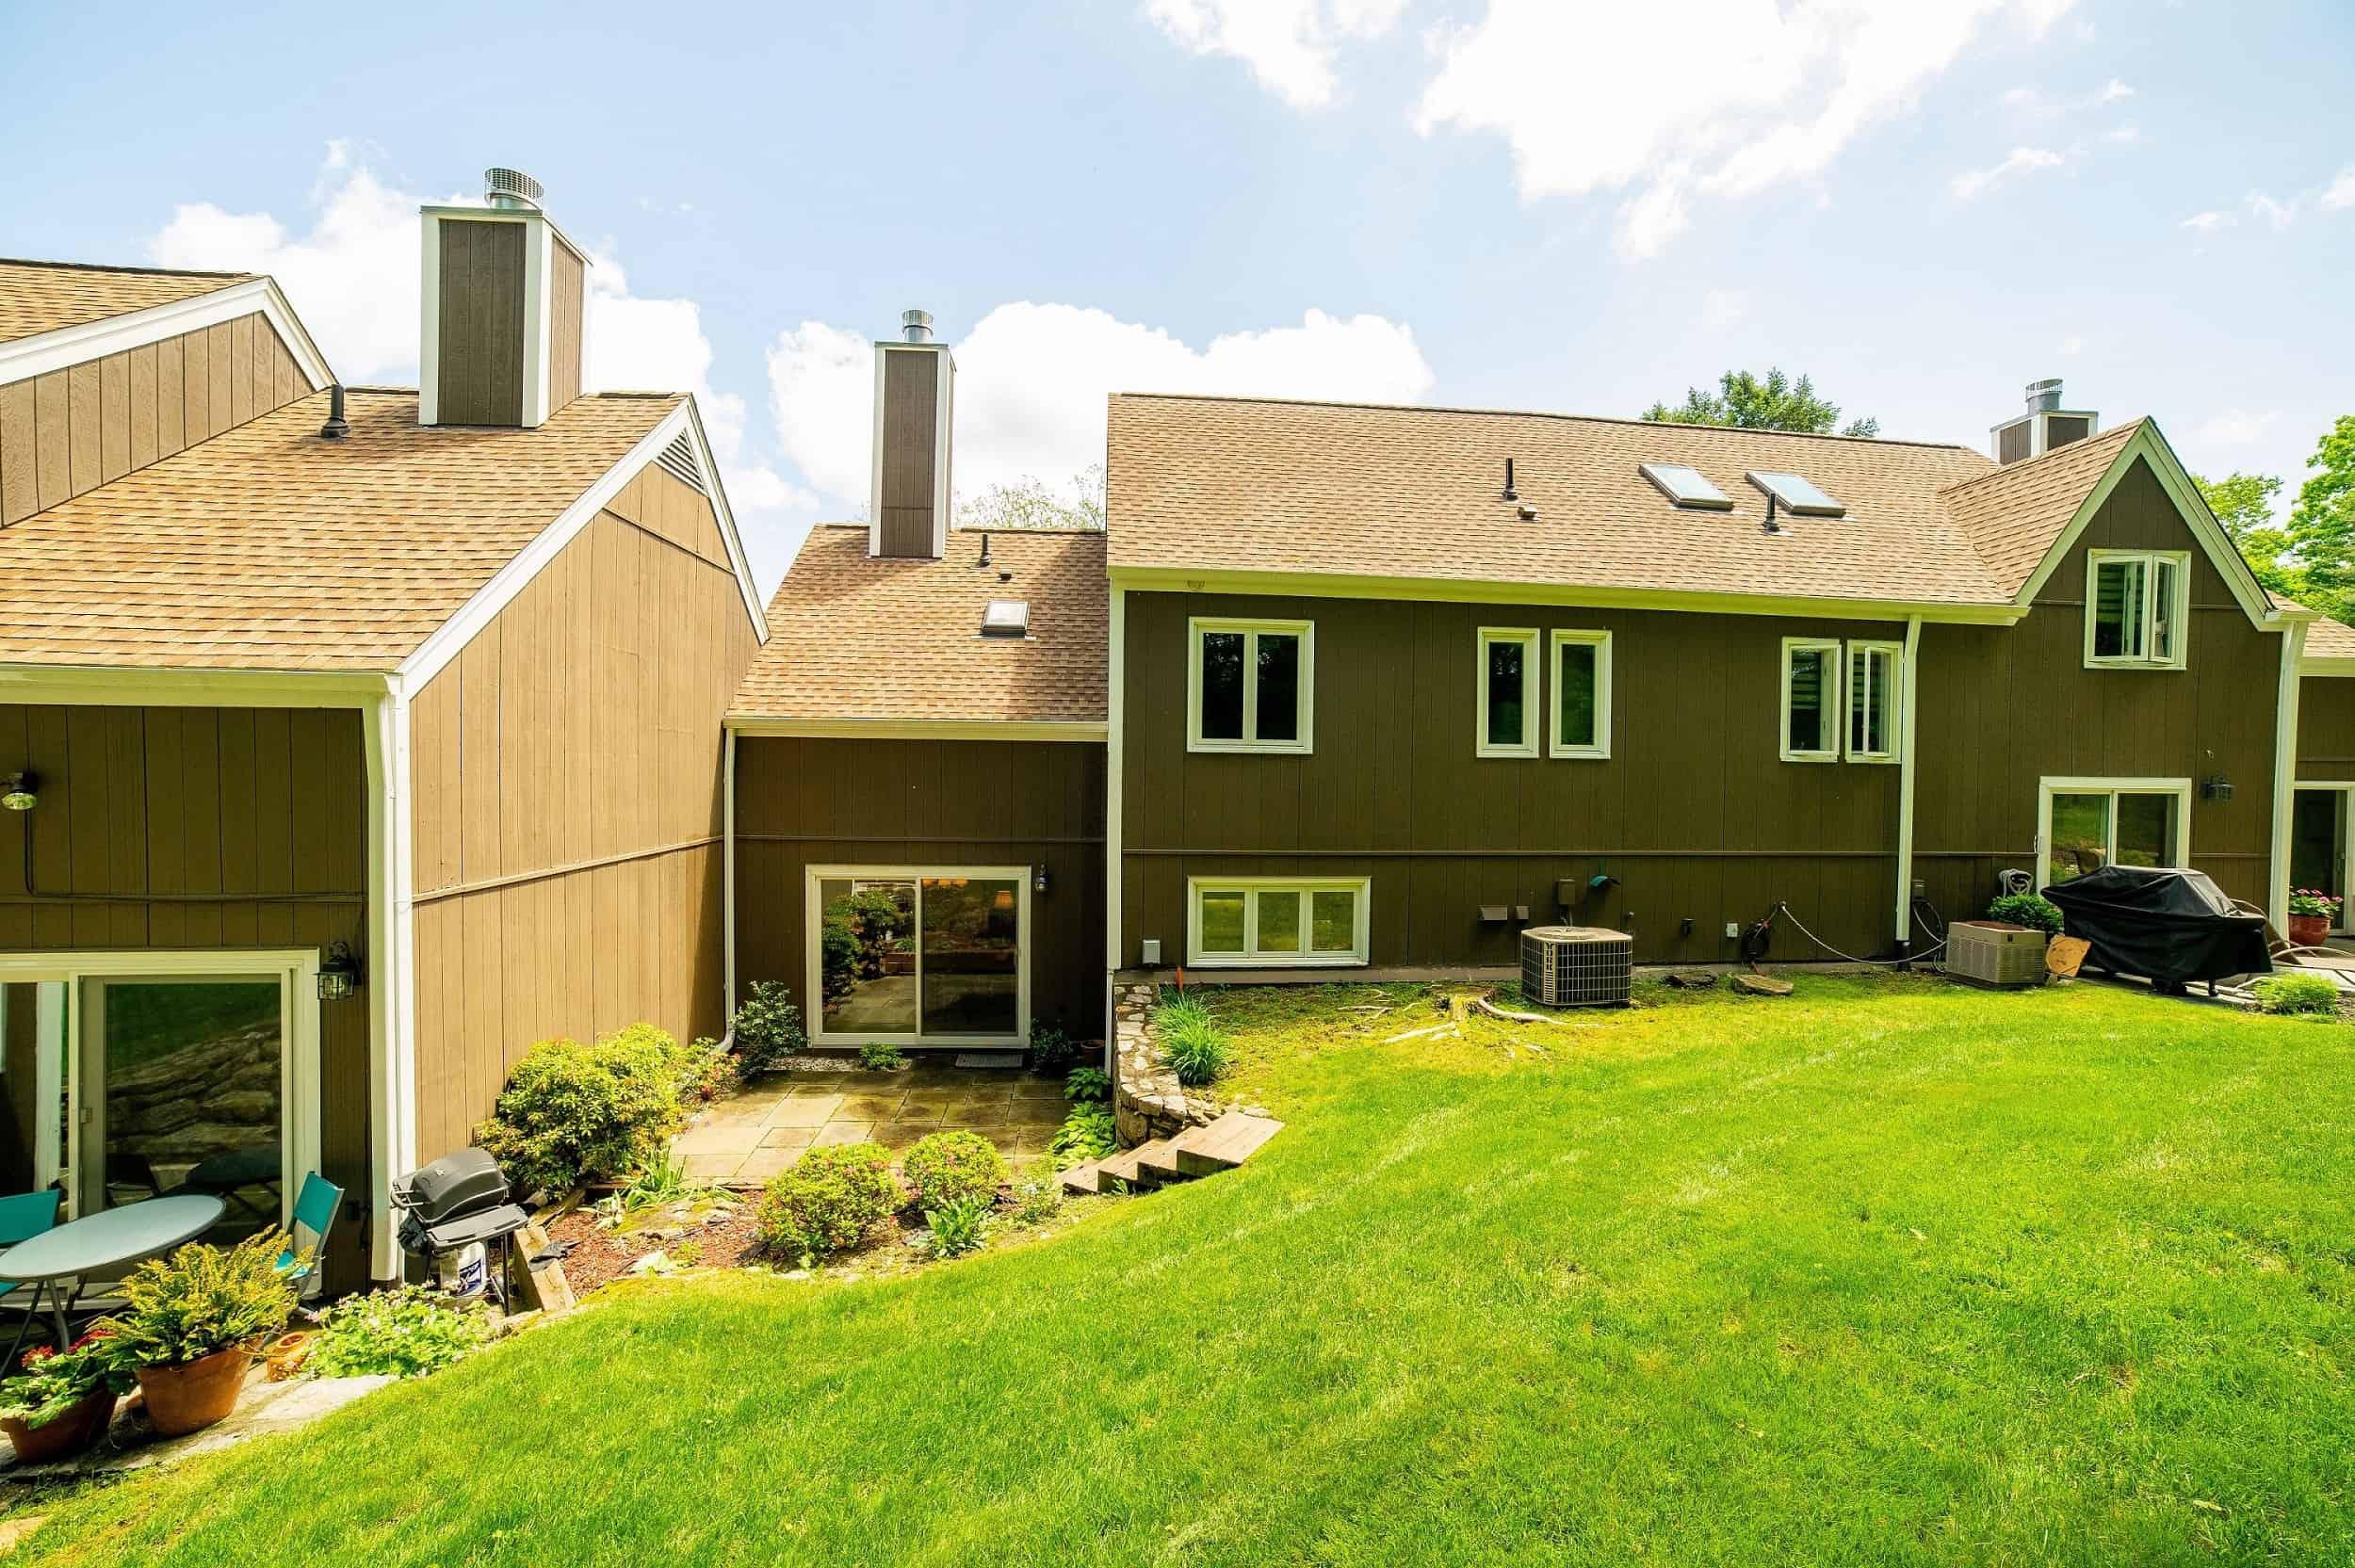 Apple Hill Farm Condominium